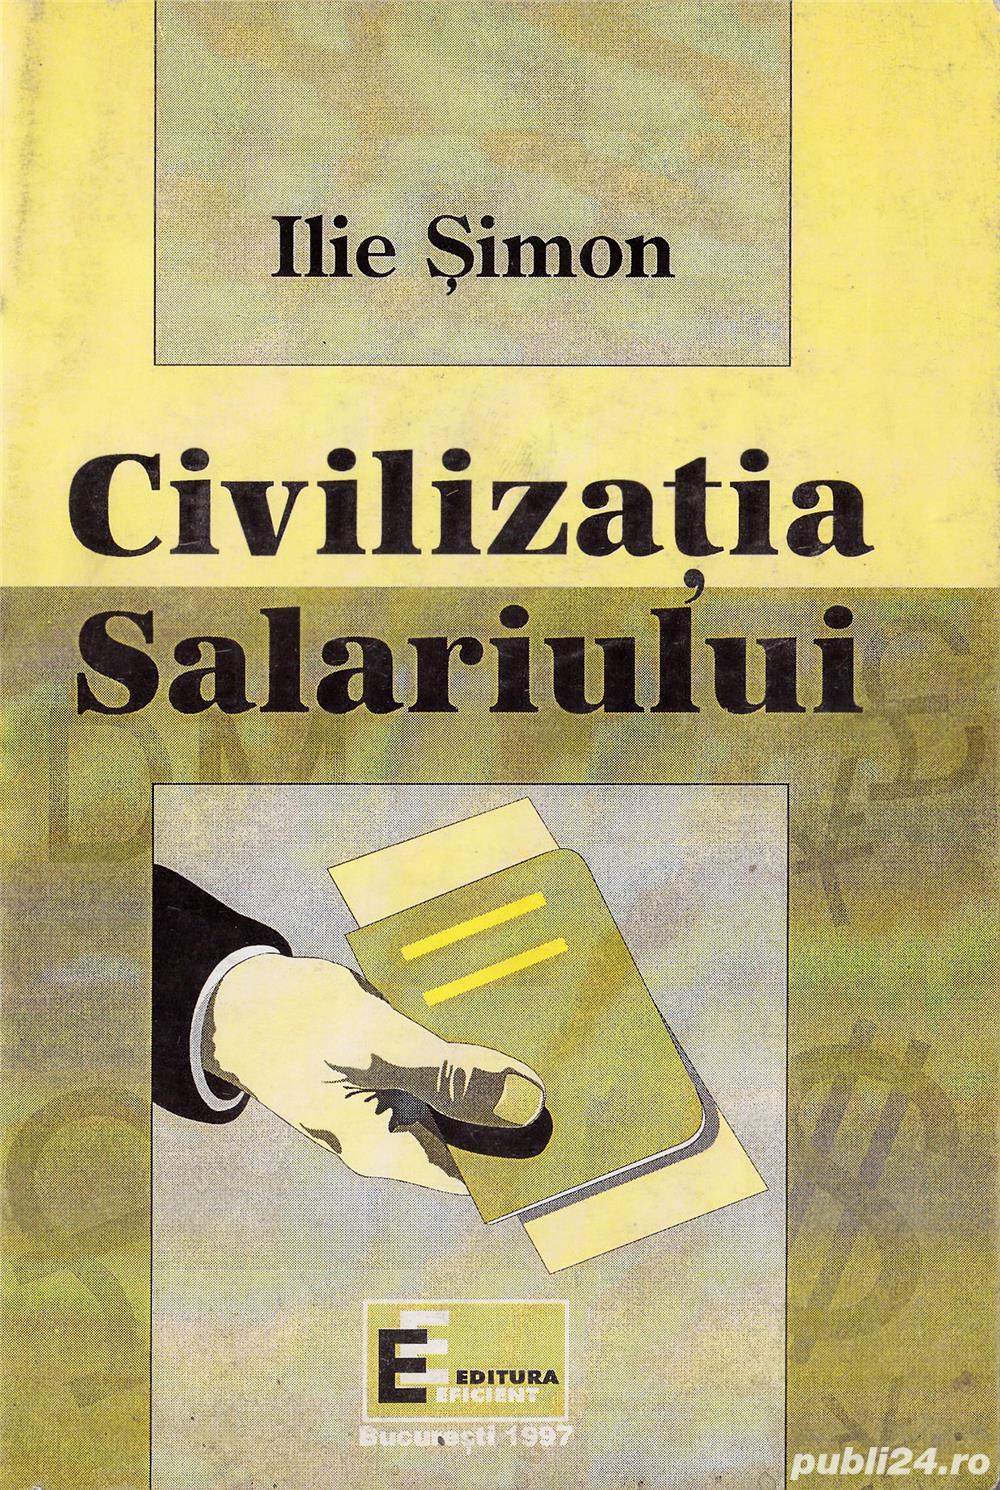 Civilizatia salariului